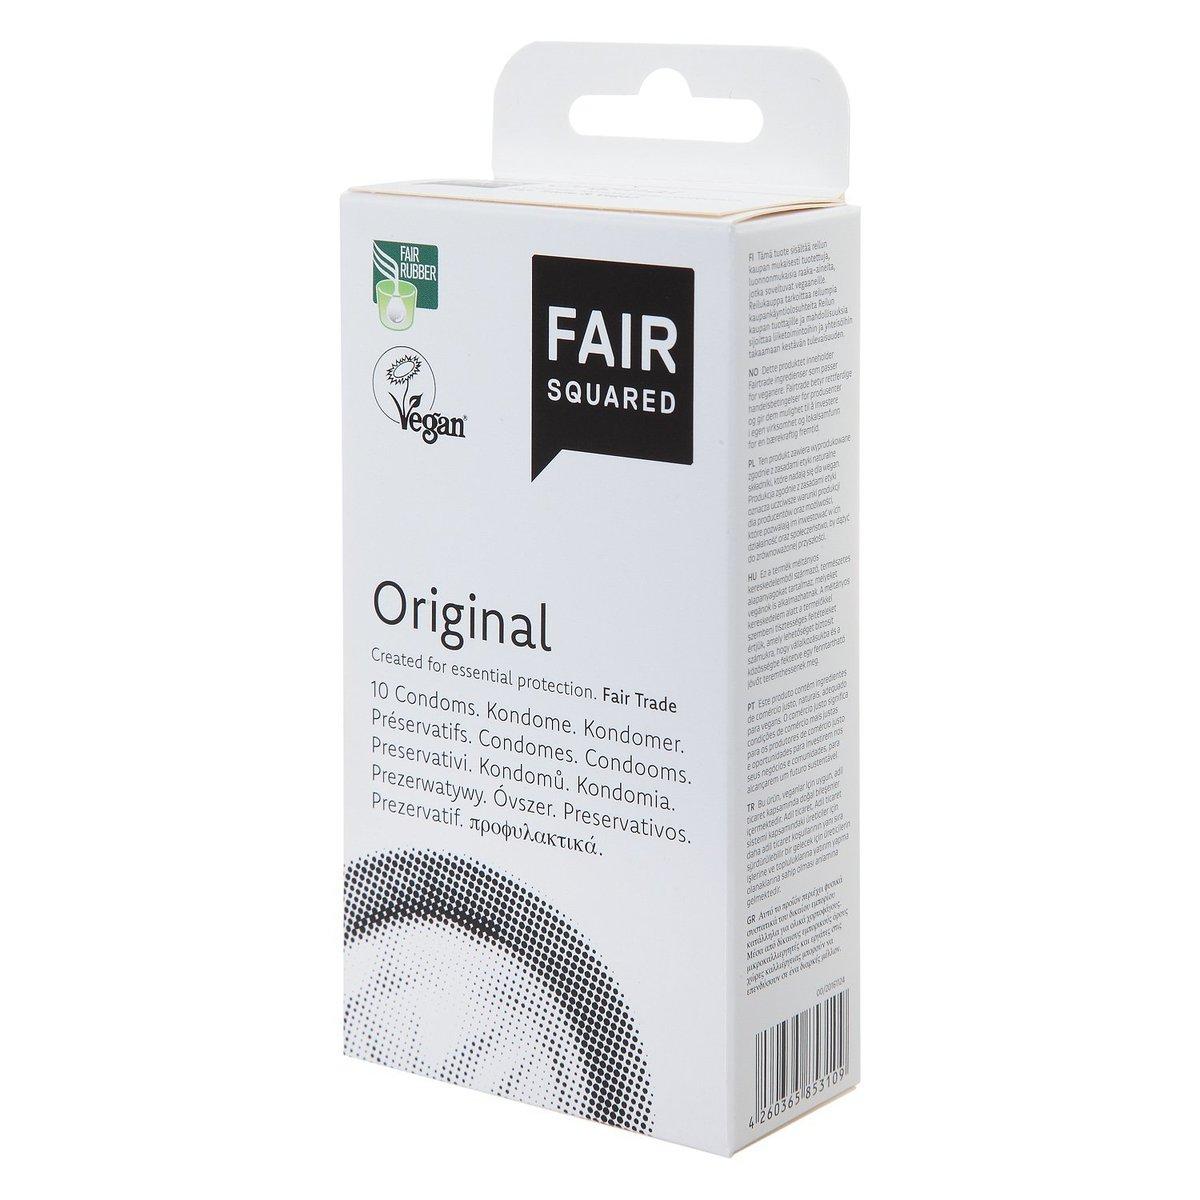 公平貿易純素標準裝安全套 標準裝安全套 10片裝